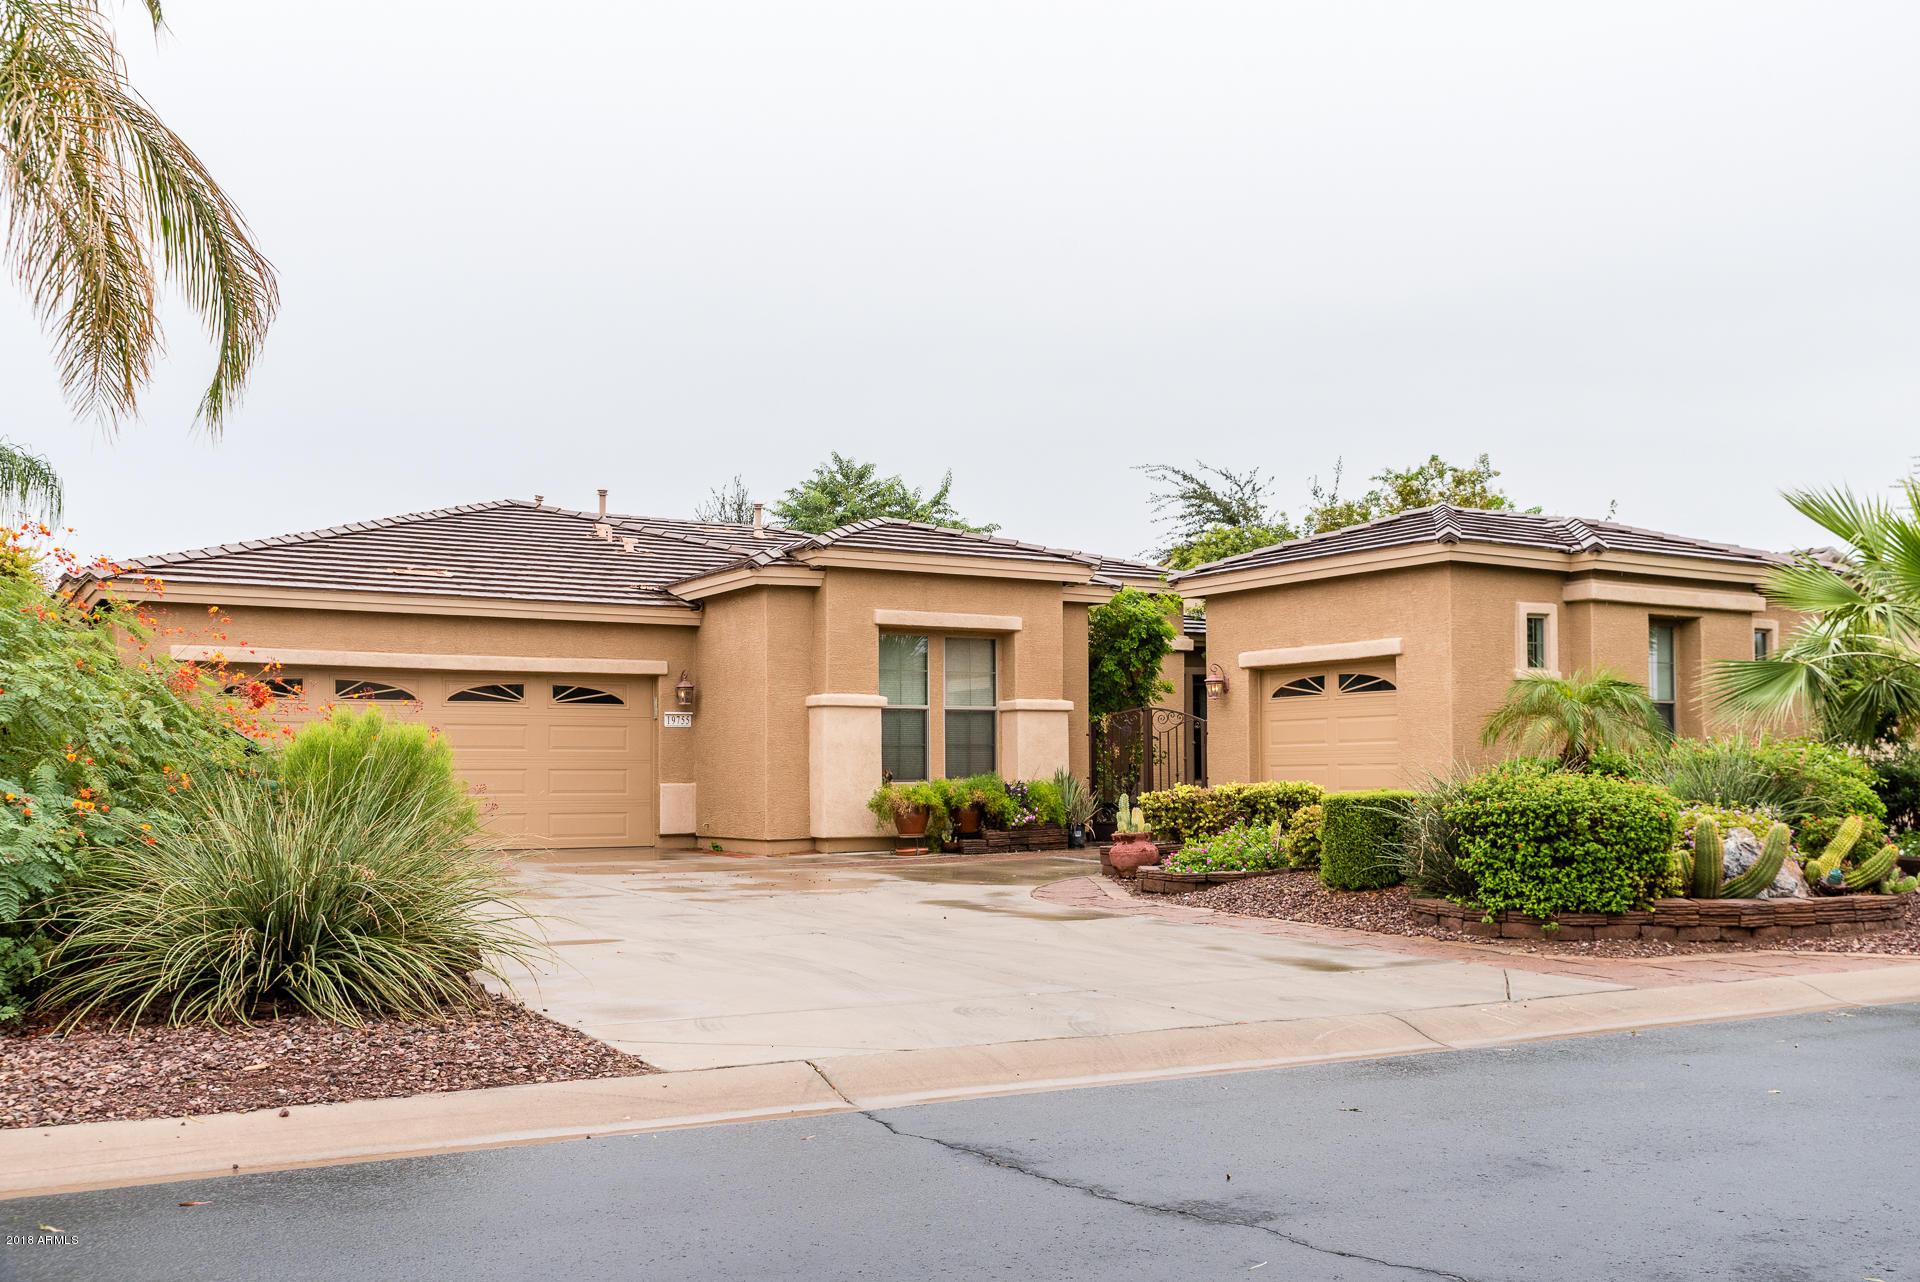 Photo for 19755 N Puffin Drive, Maricopa, AZ 85138 (MLS # 5830222)